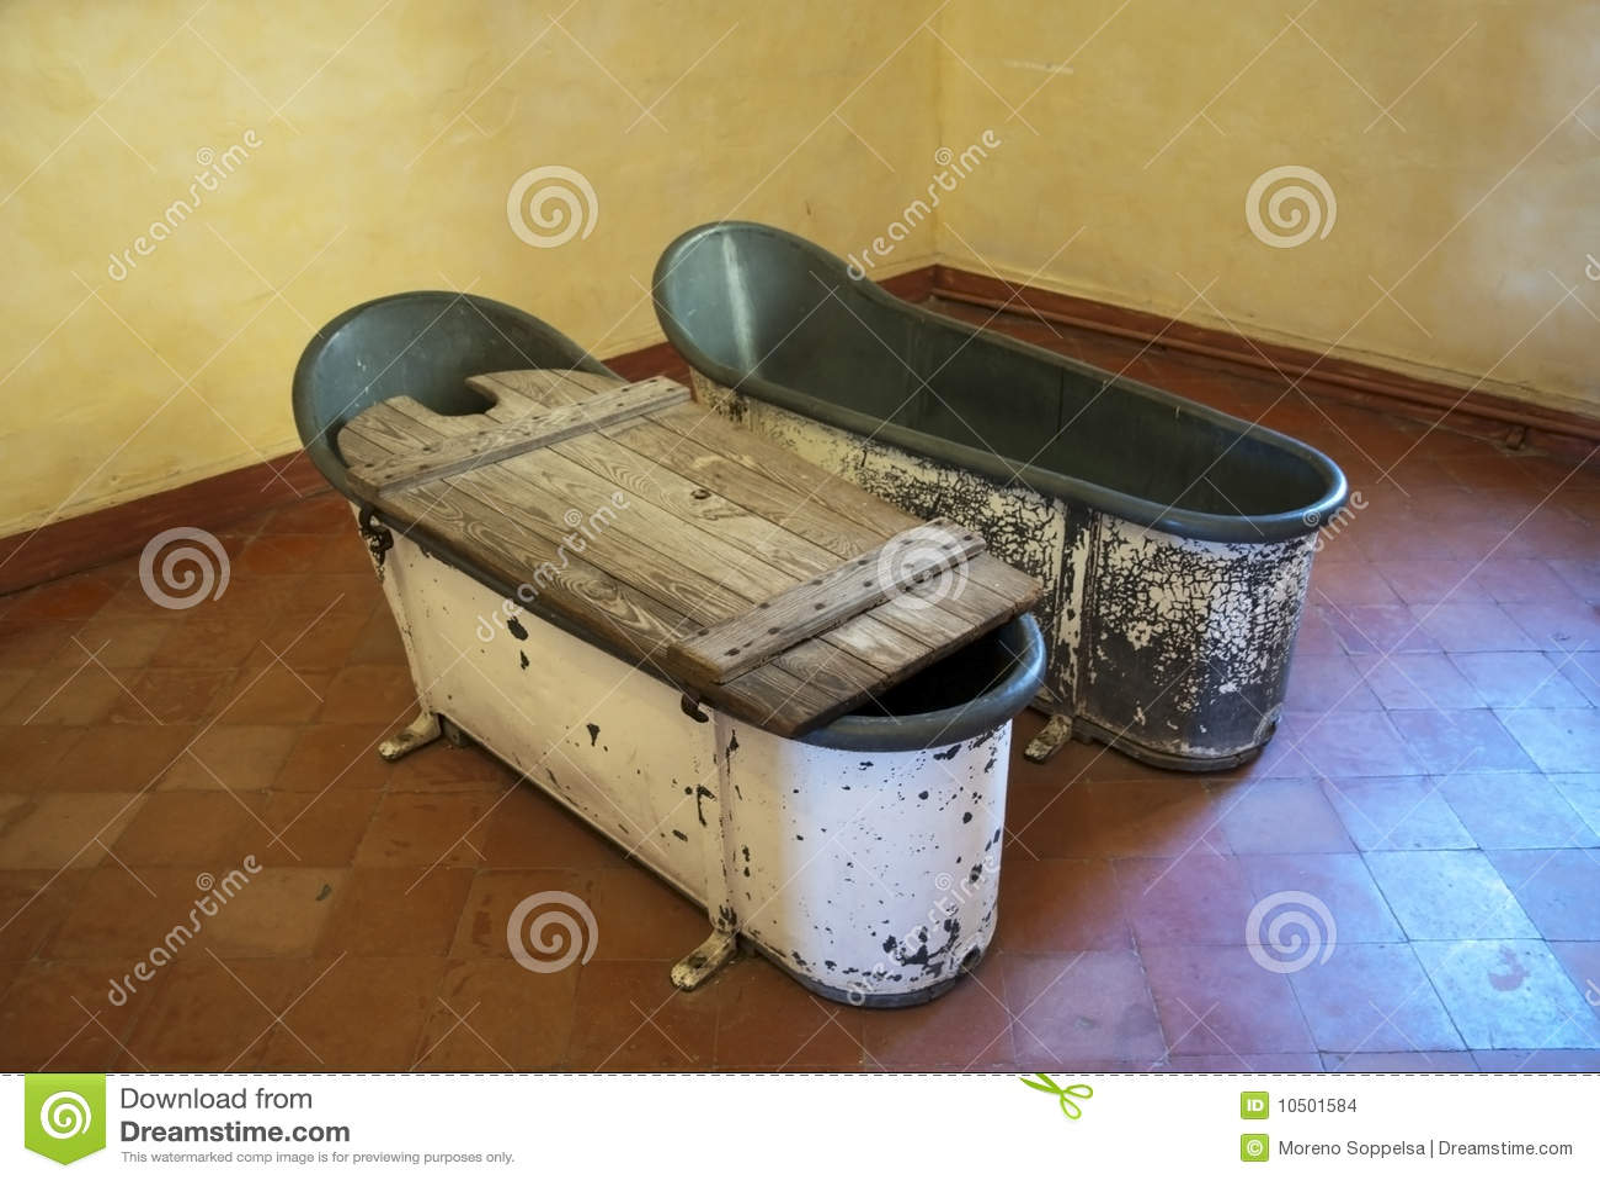 Vasca Da Bagno Usate : Le vasche da bagno metal vecchio fotografia stock immagine di